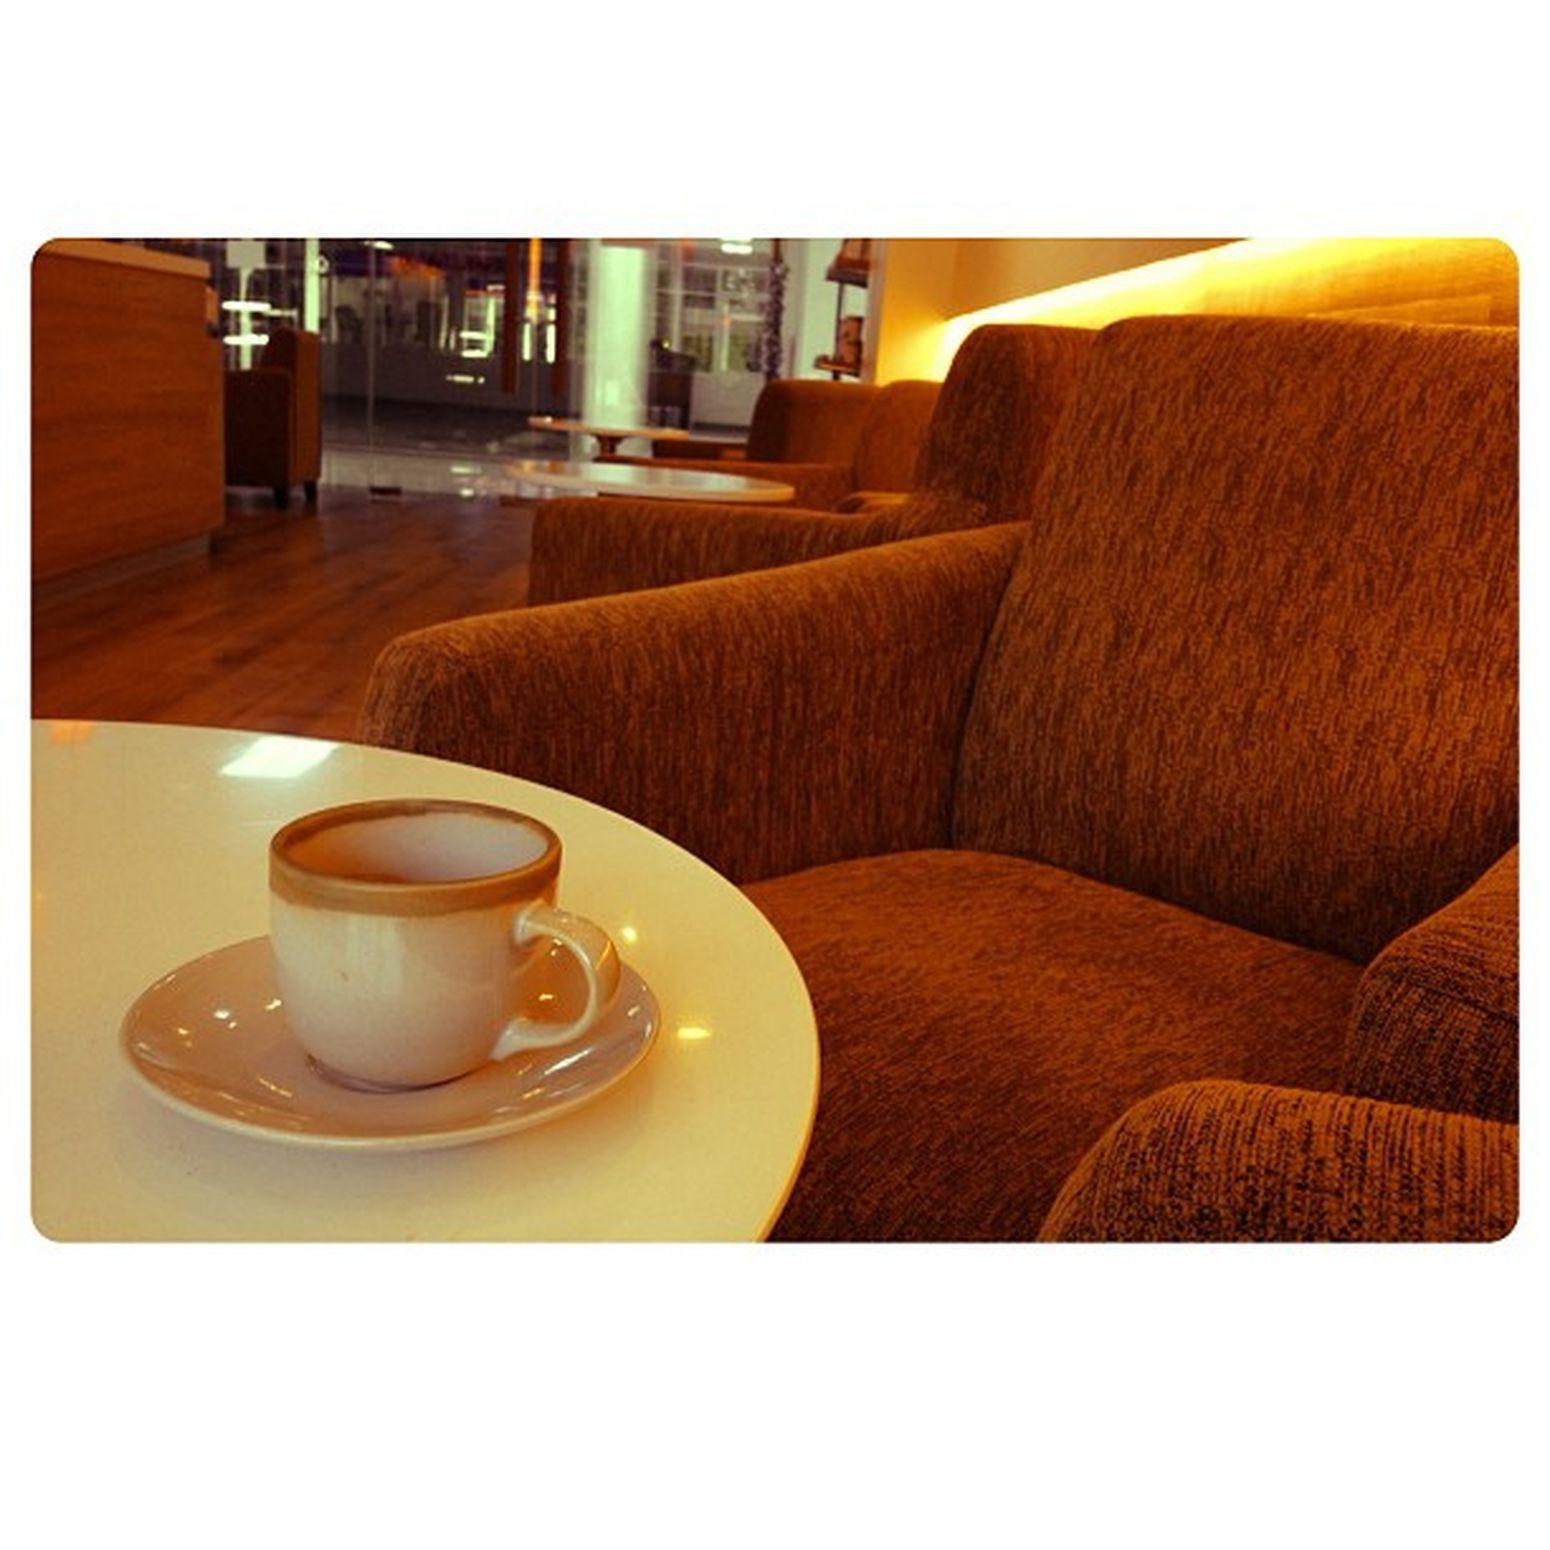 มารอฟันหมอ เอ้ยมารอหมอฟัน😜Friday Coffee Hotcoffee Doitungcoffee Coffeeshop BBKK Bangkok Thailand Coffeeaholic